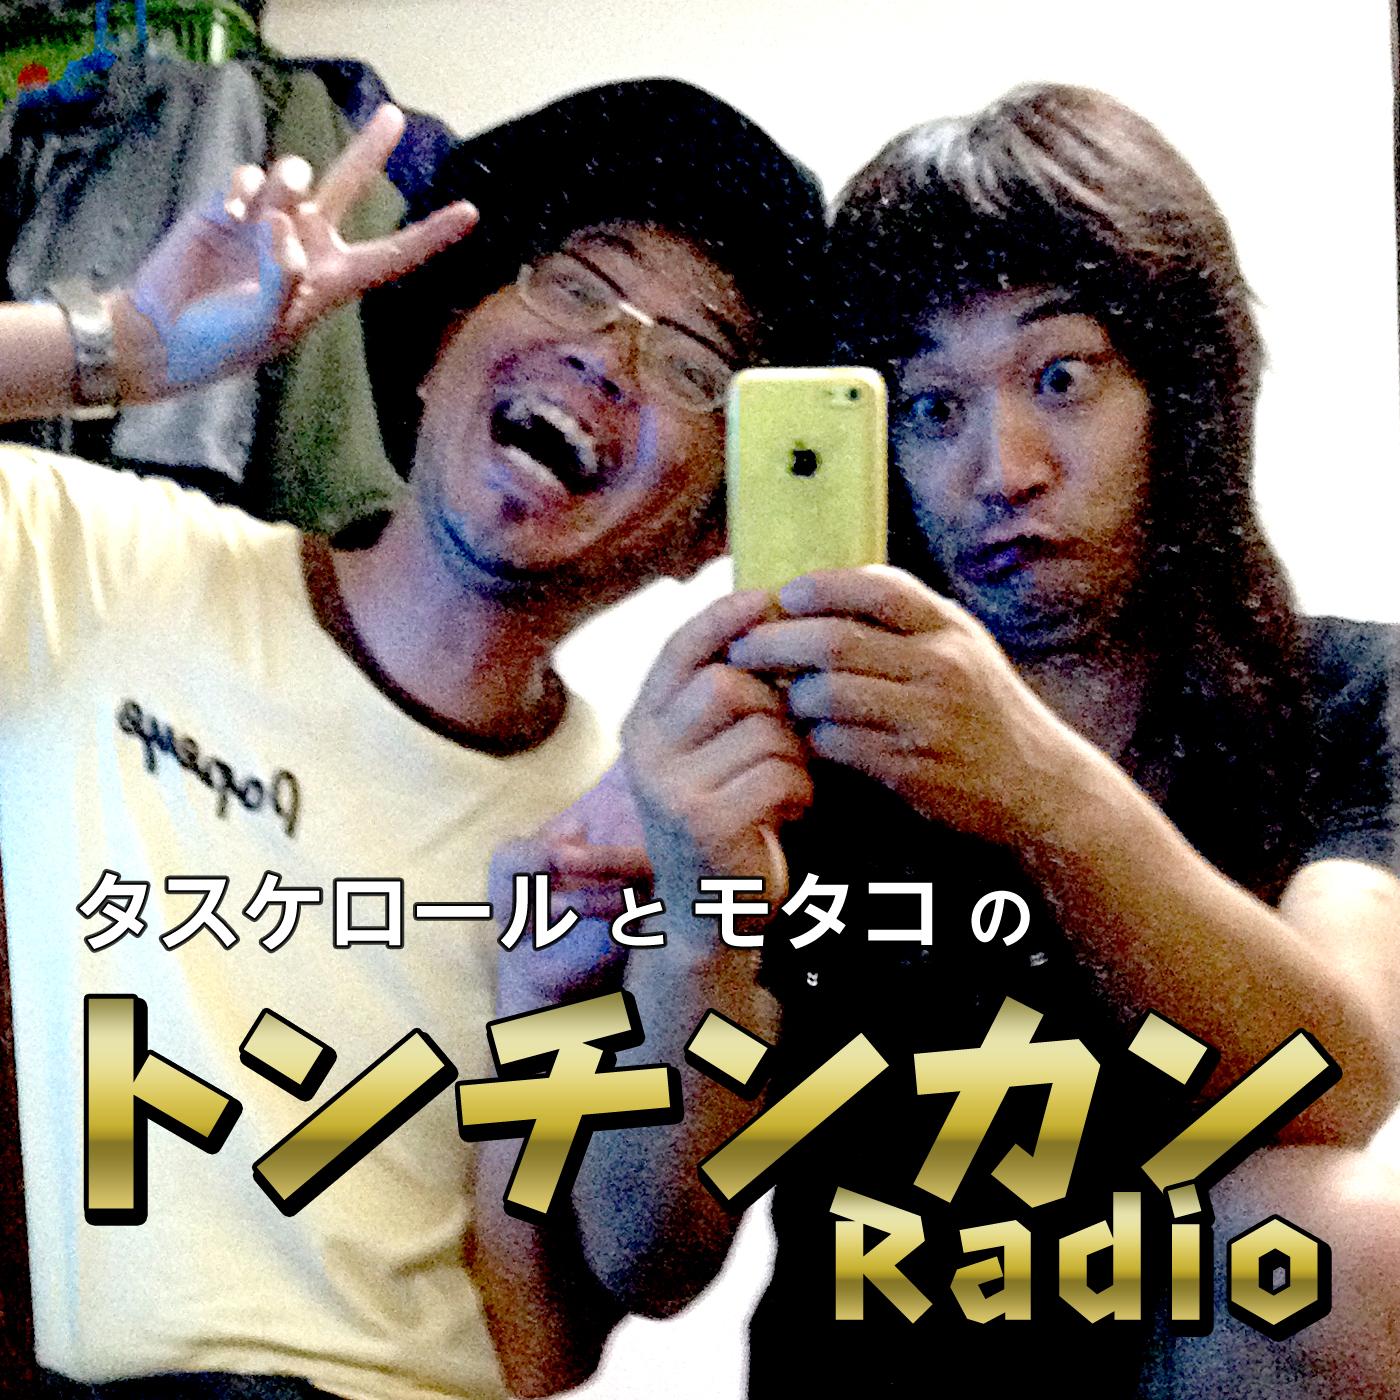 タスケロール&モタコのとんちんかんRADIO!